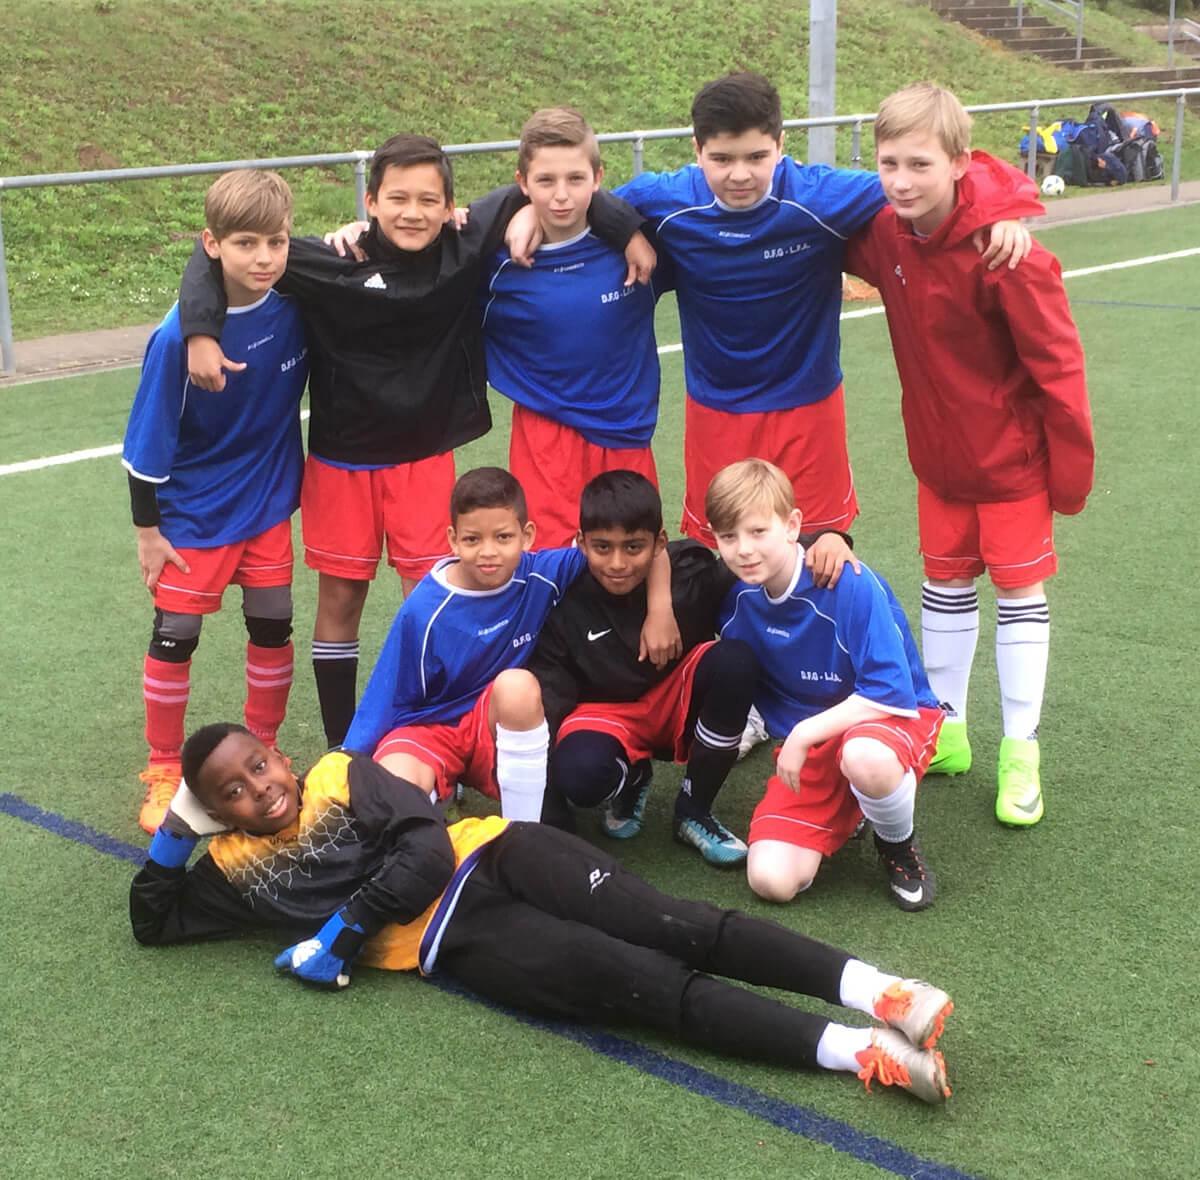 Jugend trainiert für Olympia – DFG-Fußballteam in Zwischenrunde